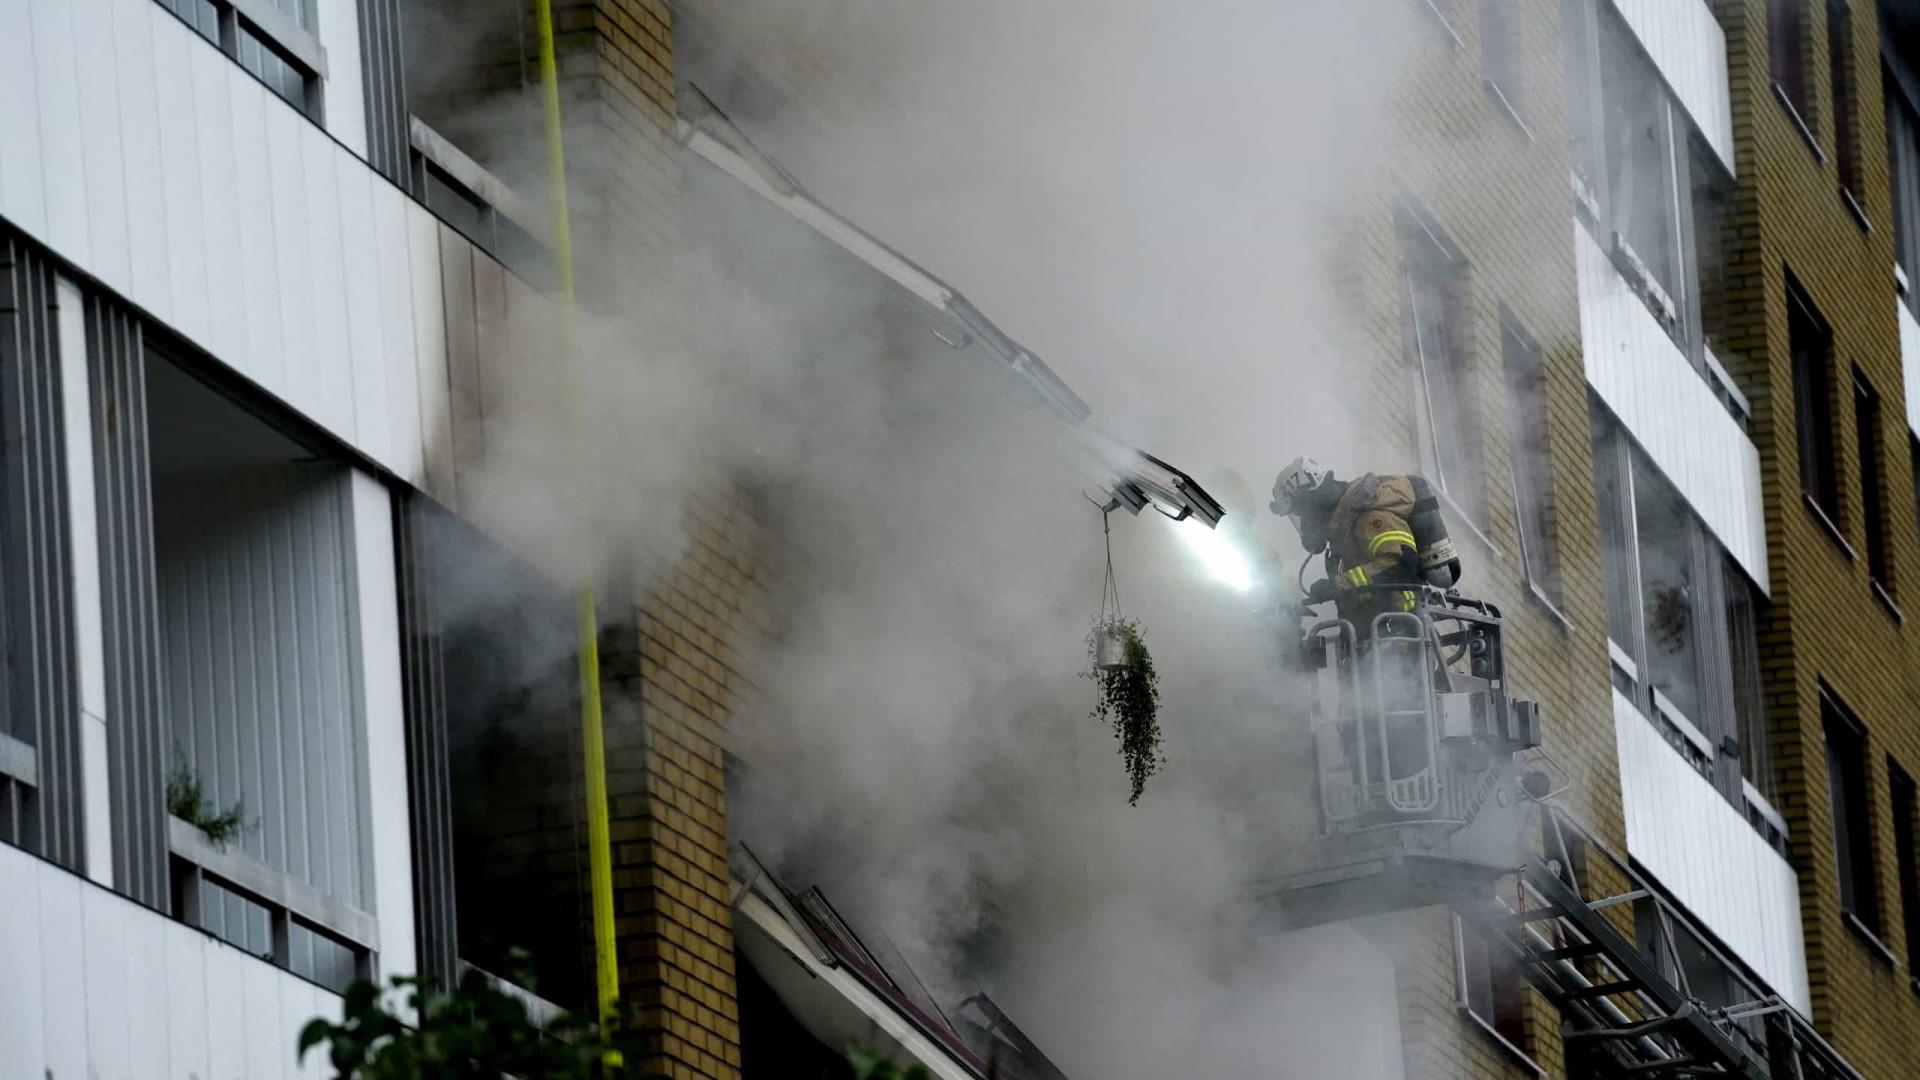 Explosão em edifício na Suécia faz pelo menos 25 feridos